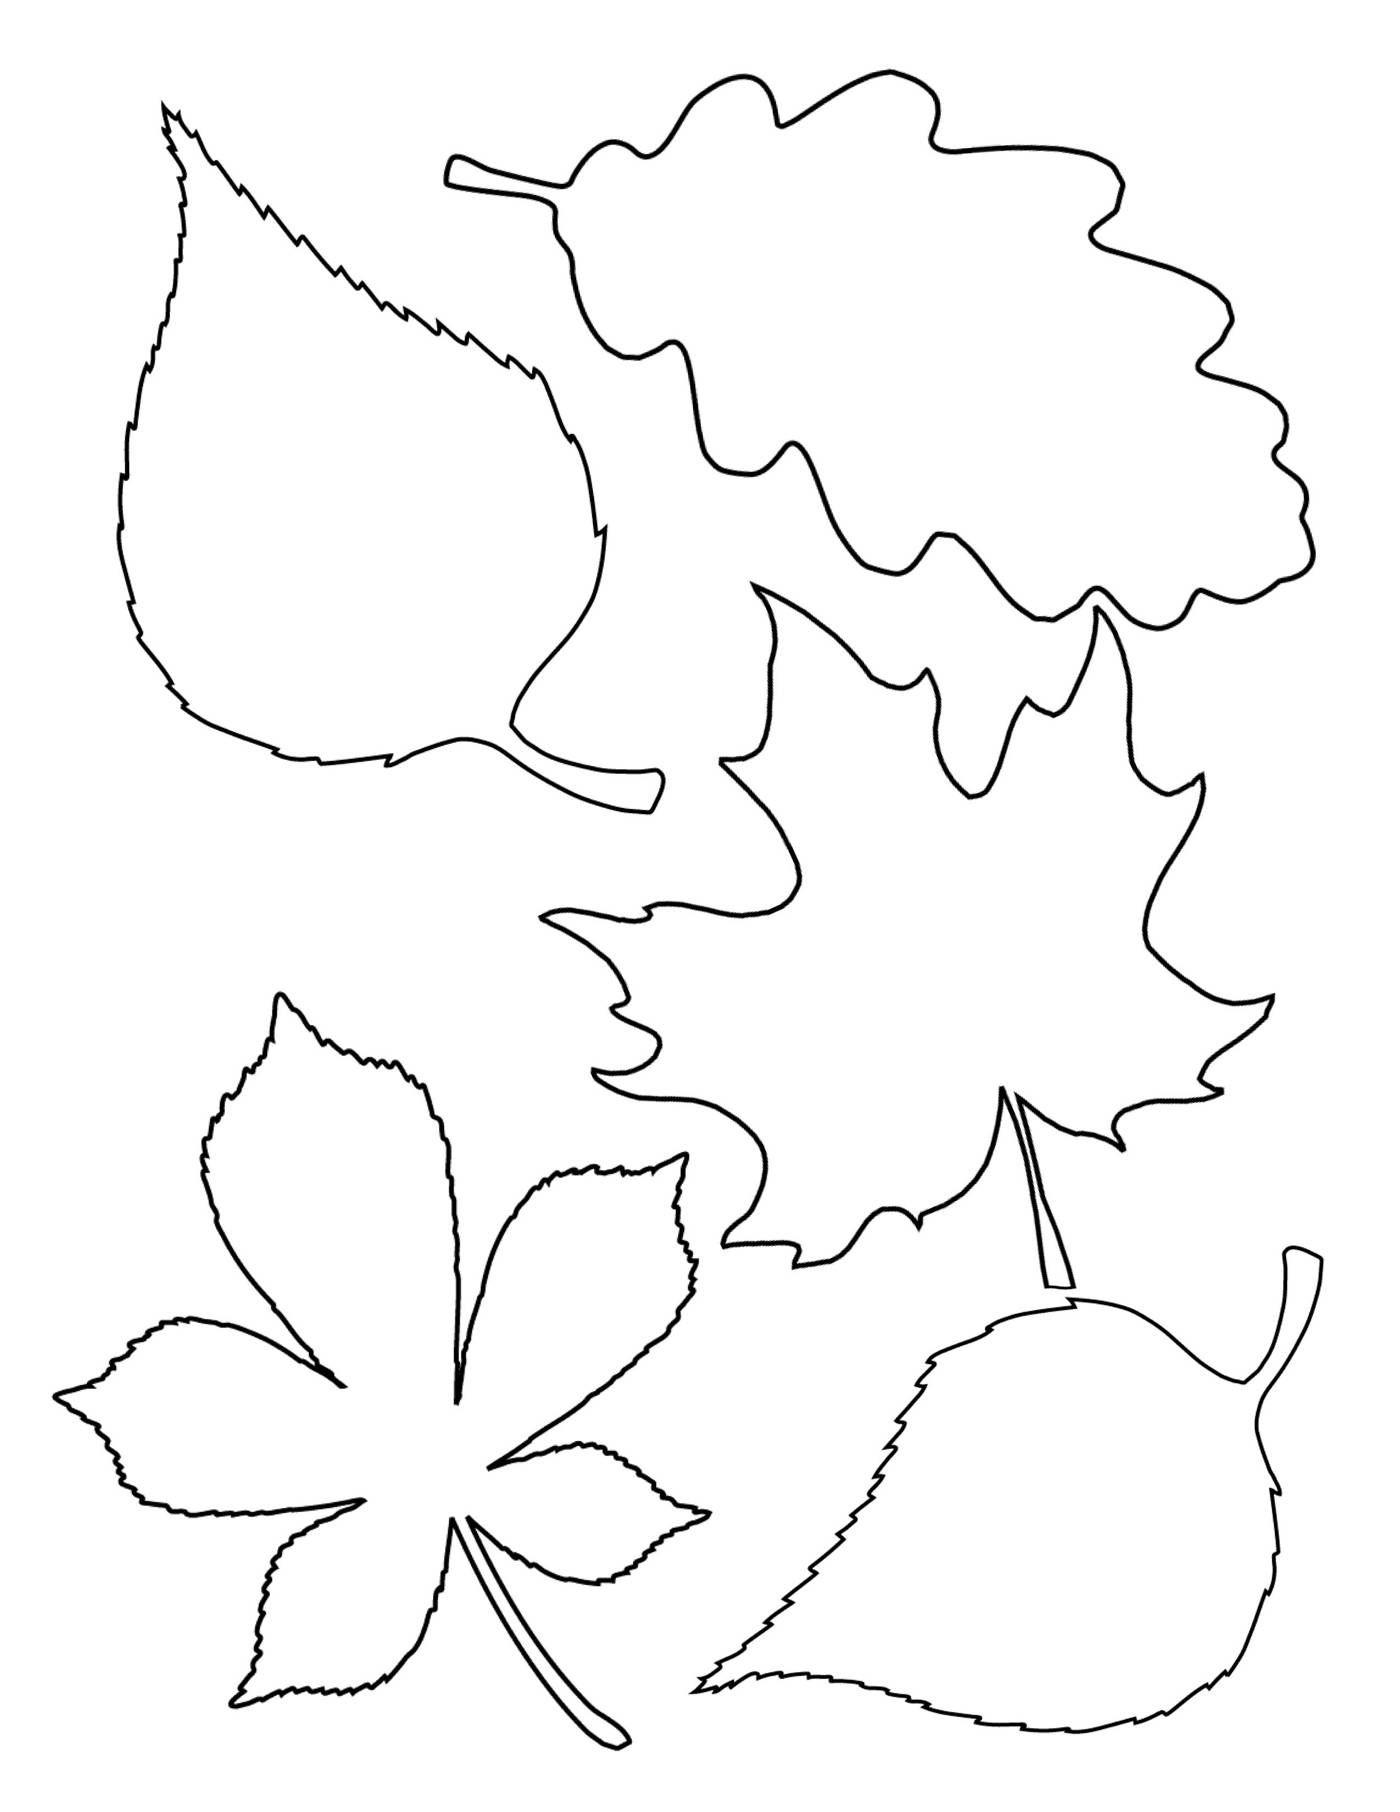 Herbstbasteln Mit Kindern 16 Ideen Anleitungen Herbstblatter Vorlagen In 2020 Basteln Herbst Basteln Mit Kleinkindern Herbst Bastel Herbst